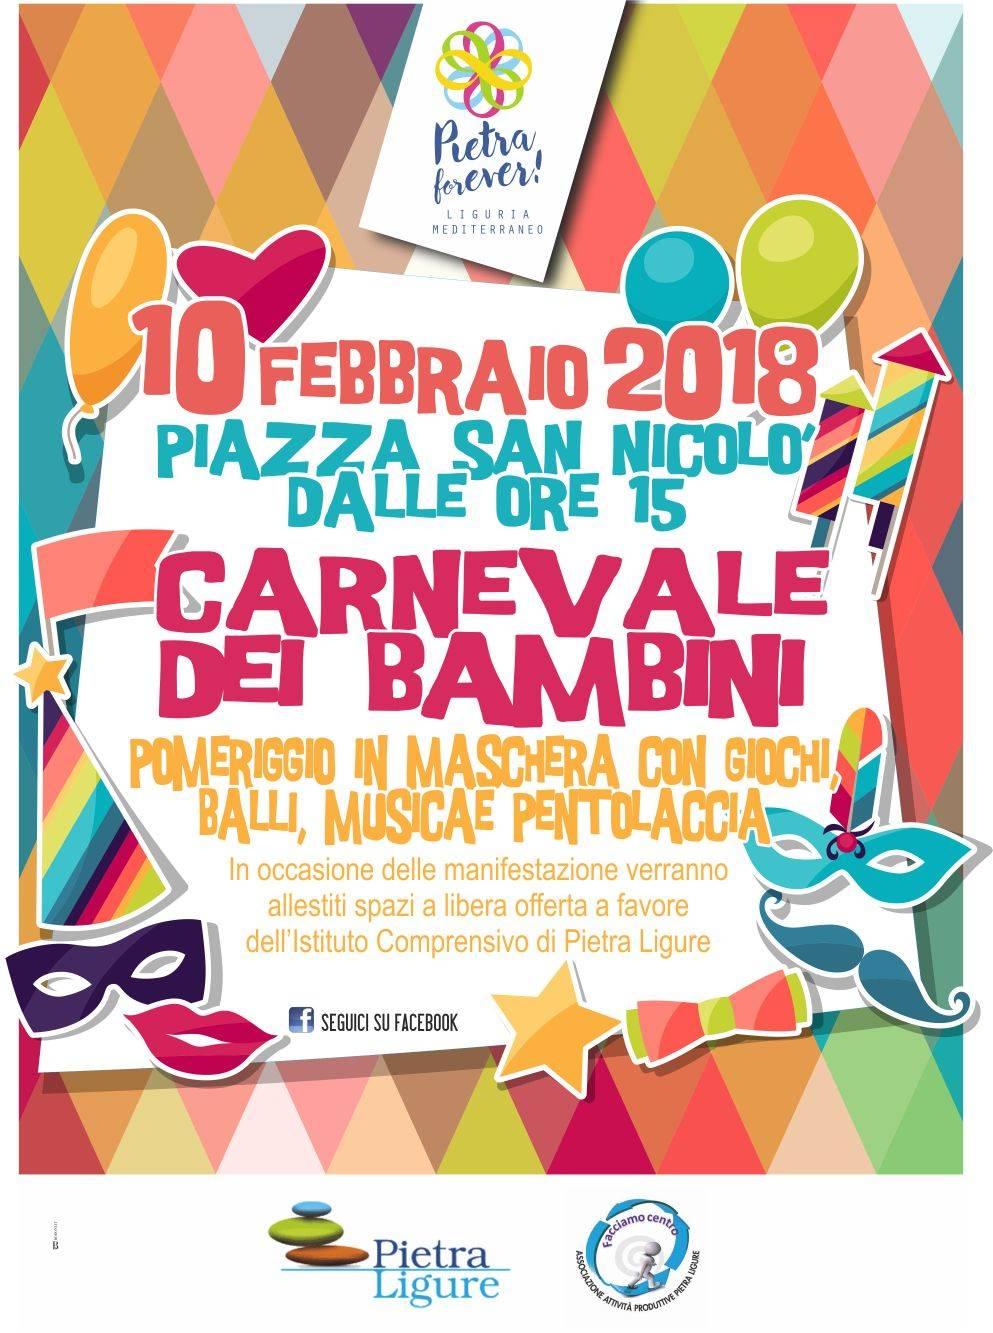 Carnevale dei Bambini Pietra Ligure 2018